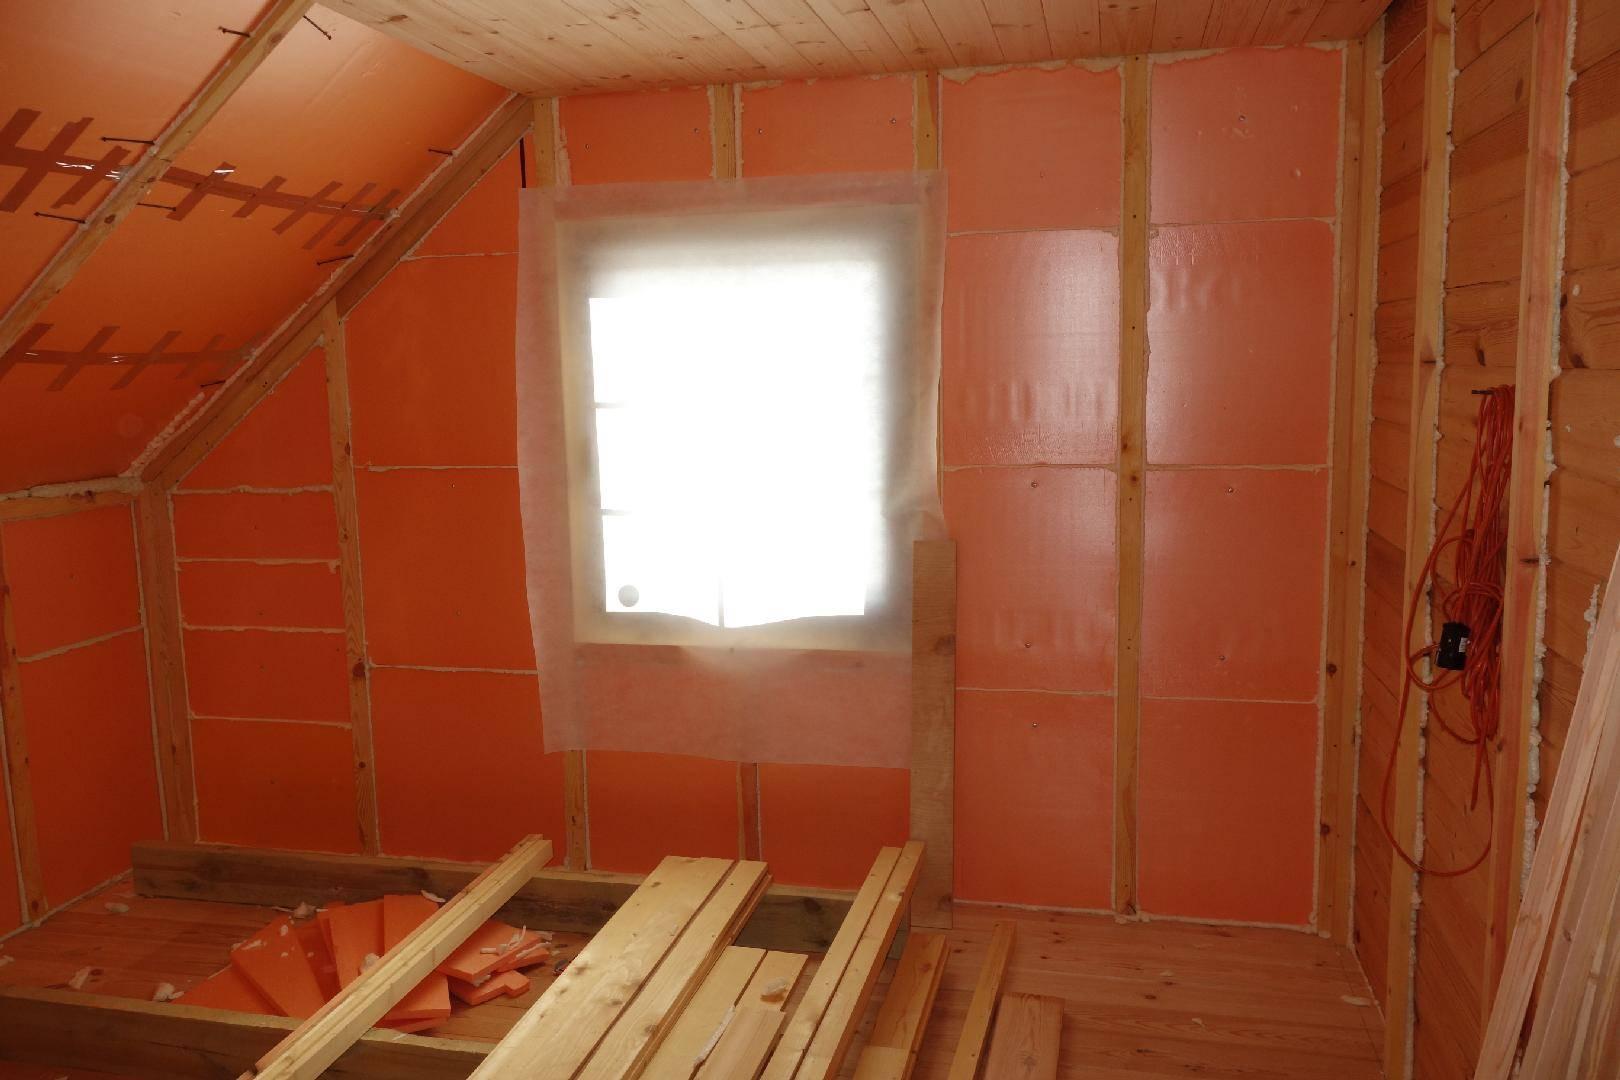 Утепление стен в деревянном доме изнутри: чем и как правильно произвести внутреннюю изоляцию